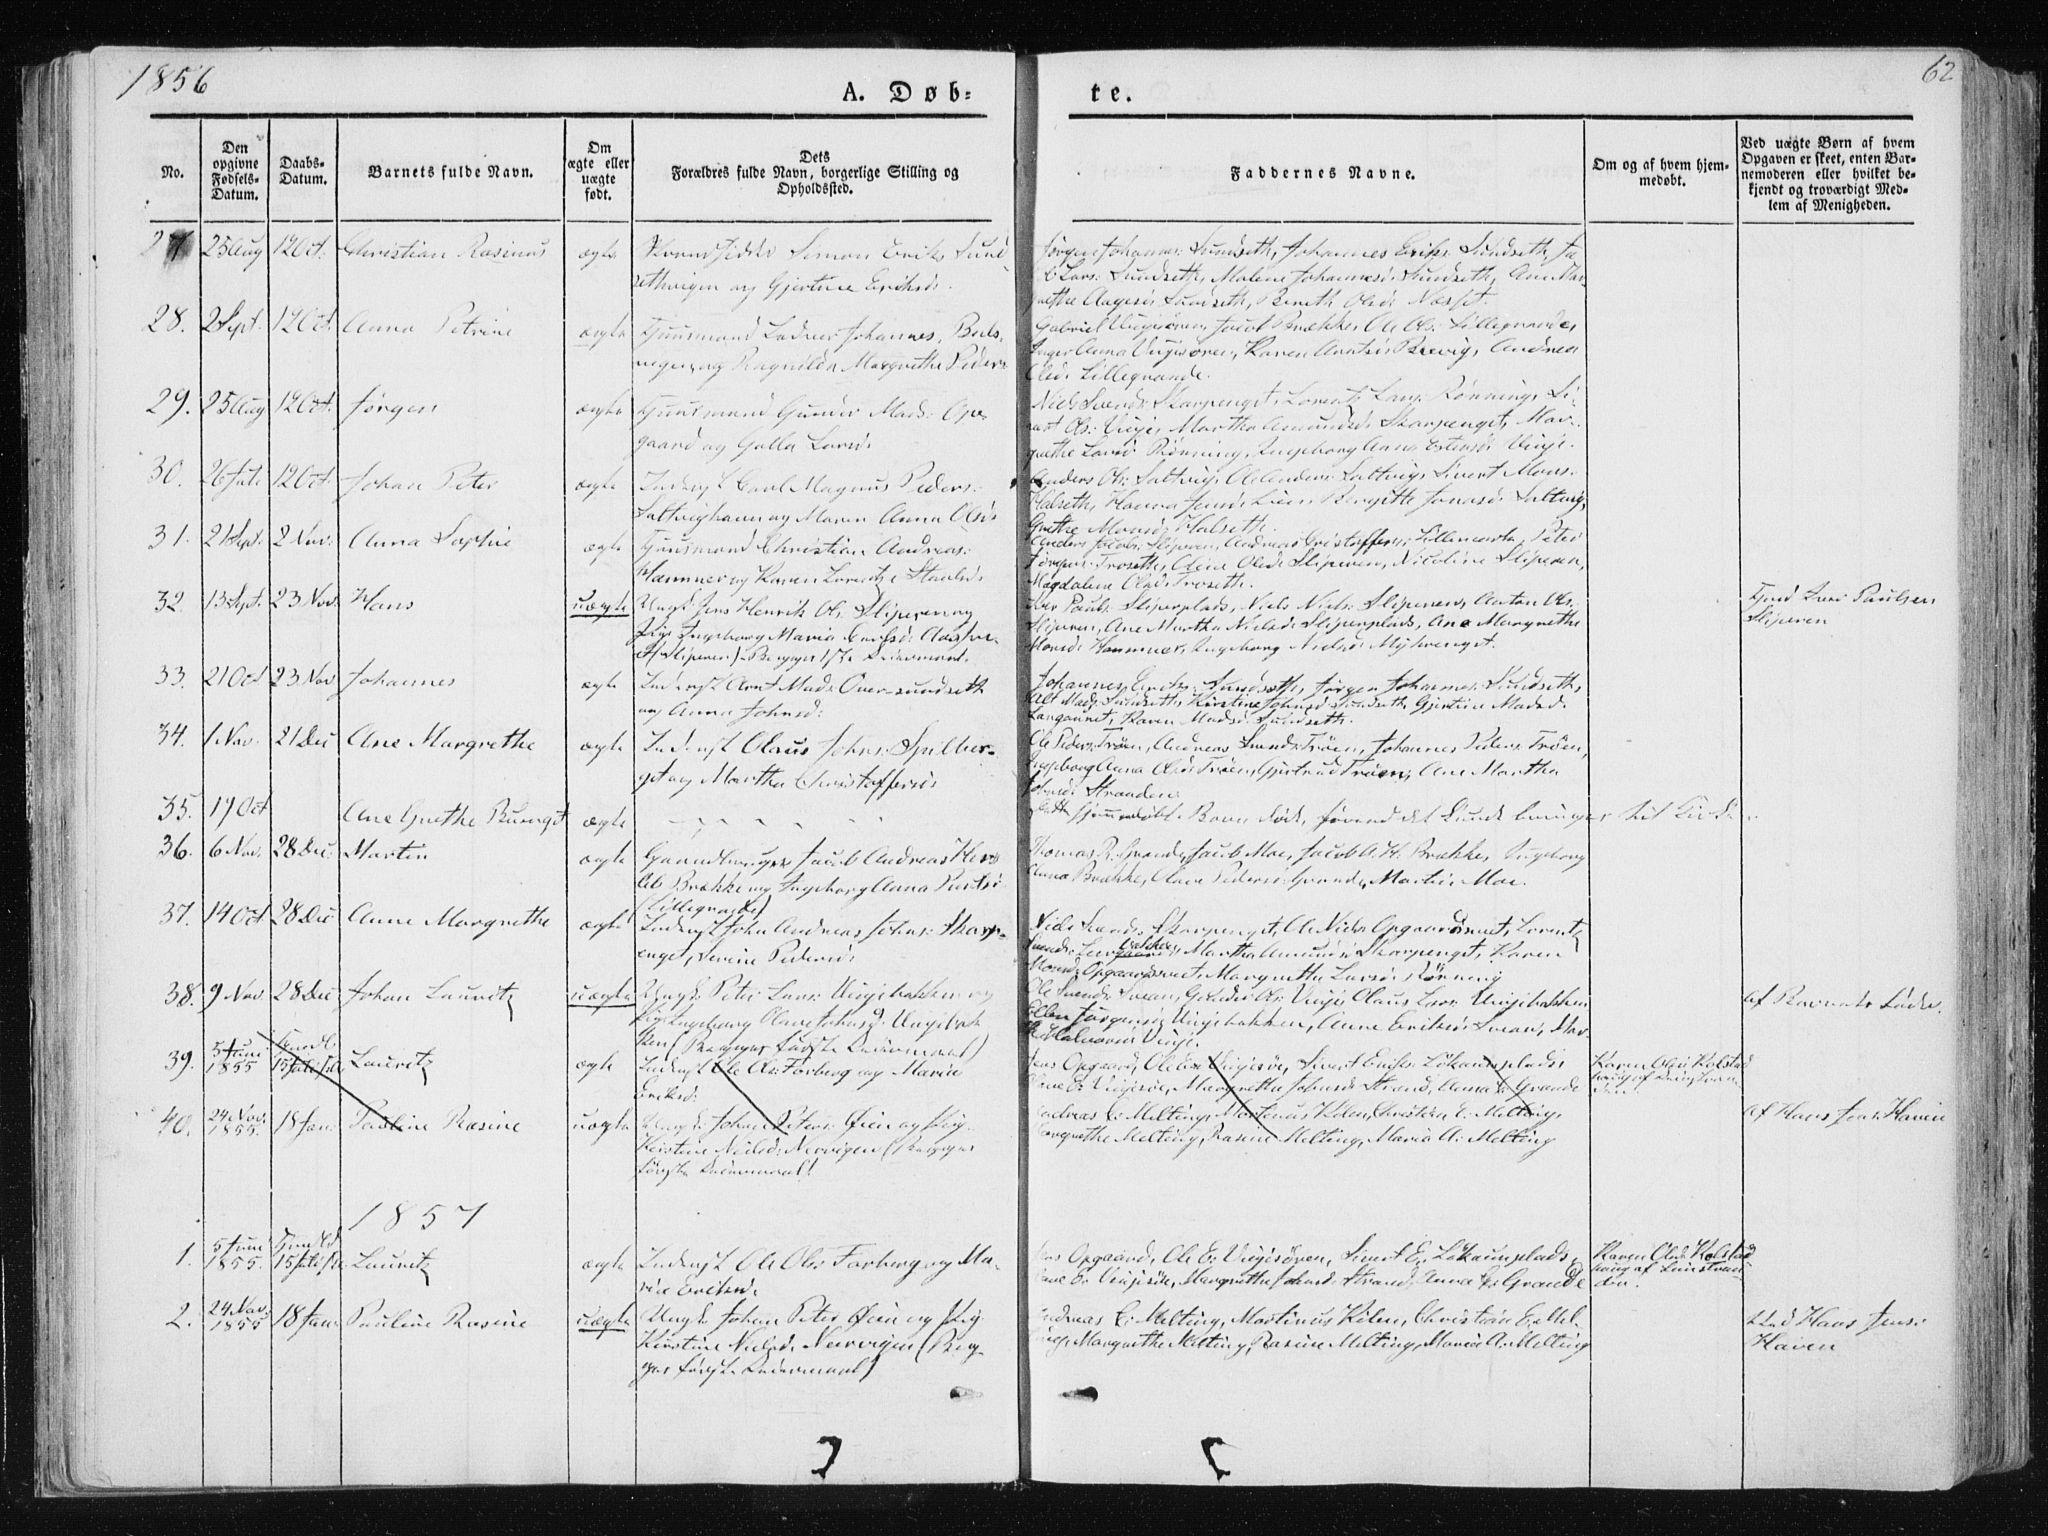 SAT, Ministerialprotokoller, klokkerbøker og fødselsregistre - Nord-Trøndelag, 733/L0323: Ministerialbok nr. 733A02, 1843-1870, s. 62